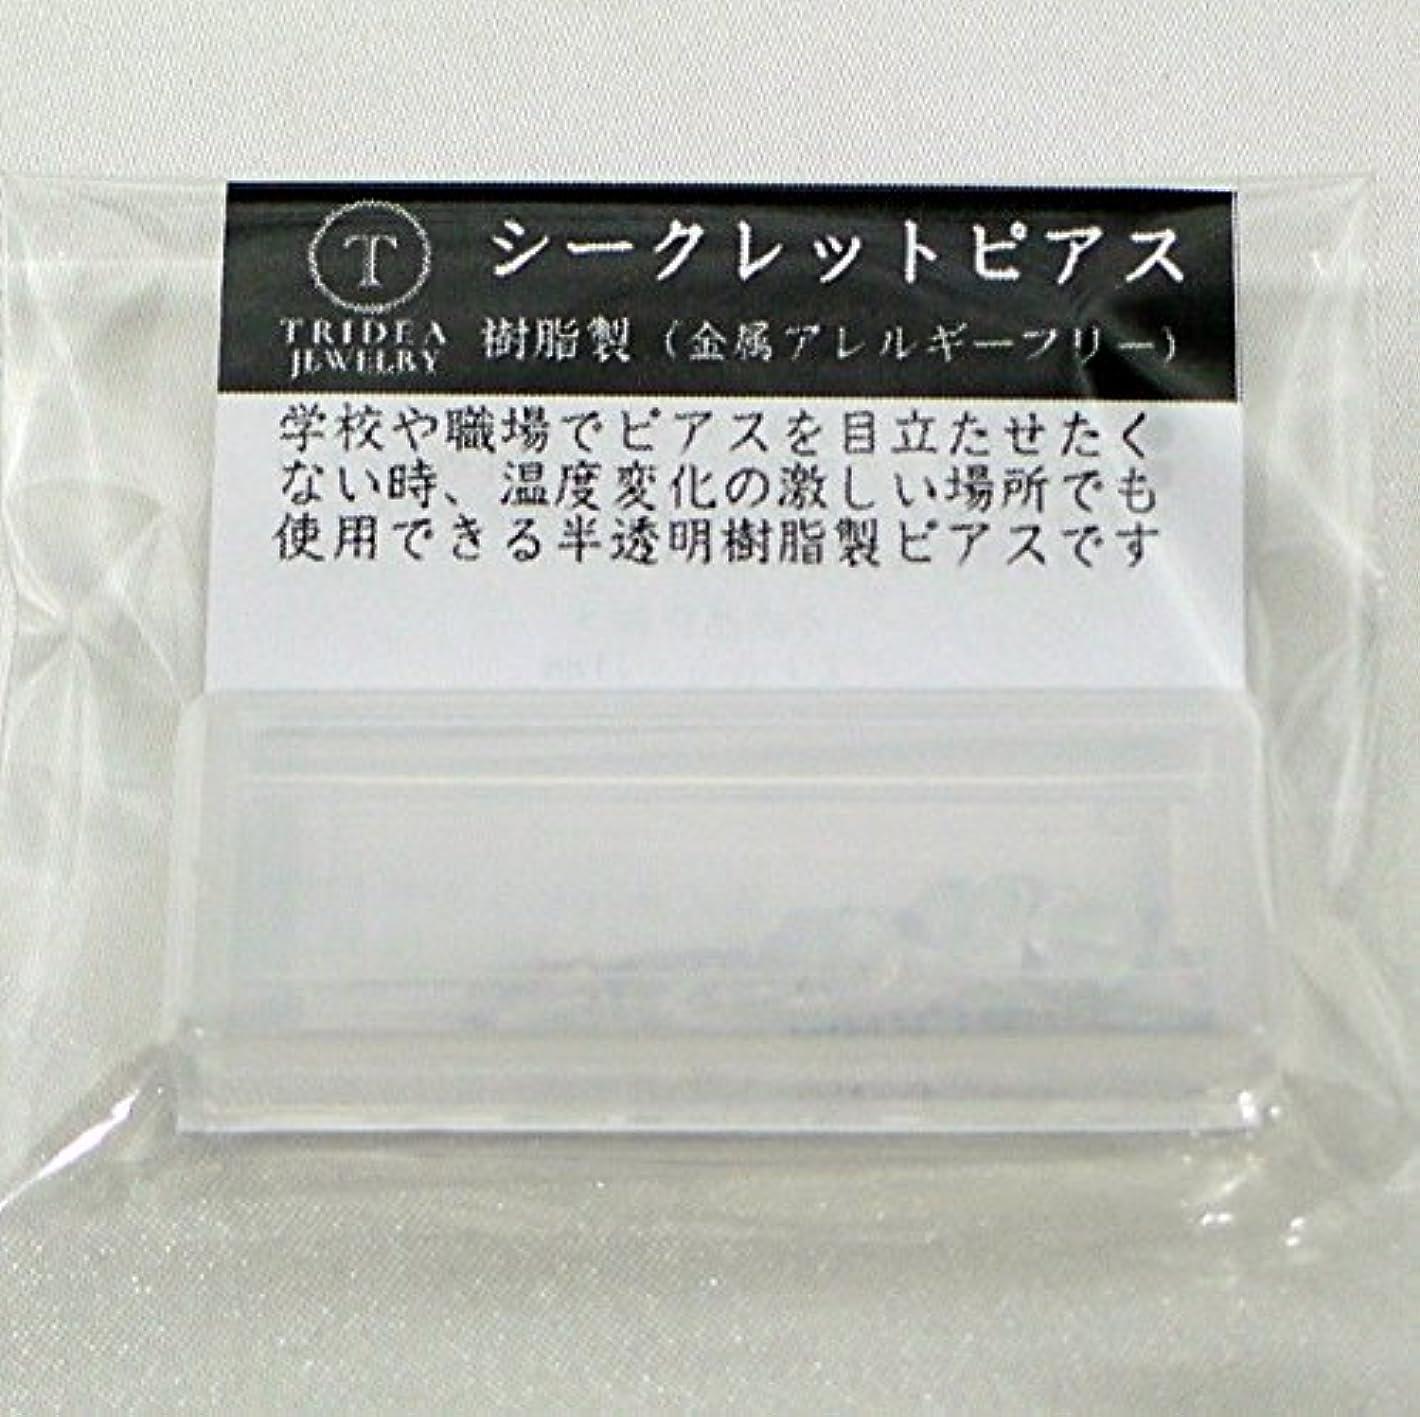 わずかな赤字粘液シークレットピアス 樹脂透明ピアス 金属アレルギーフリー ピアスホール維持に最適 (6セット)